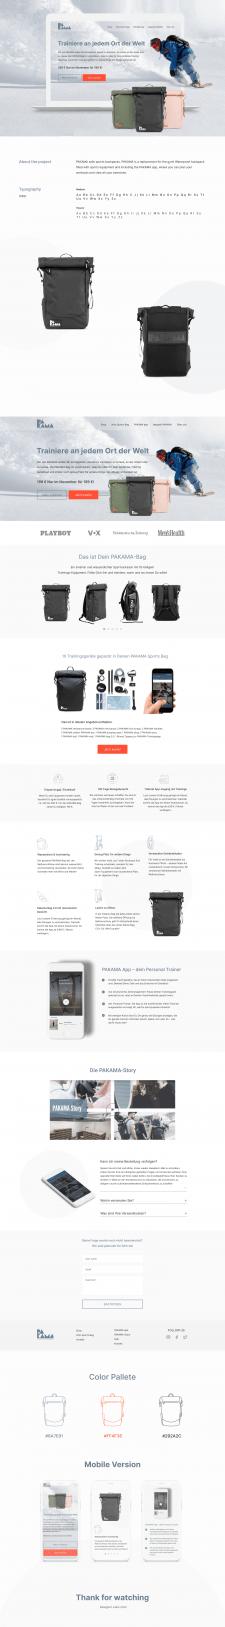 Дизайн лендинга спортивных рюкзаков